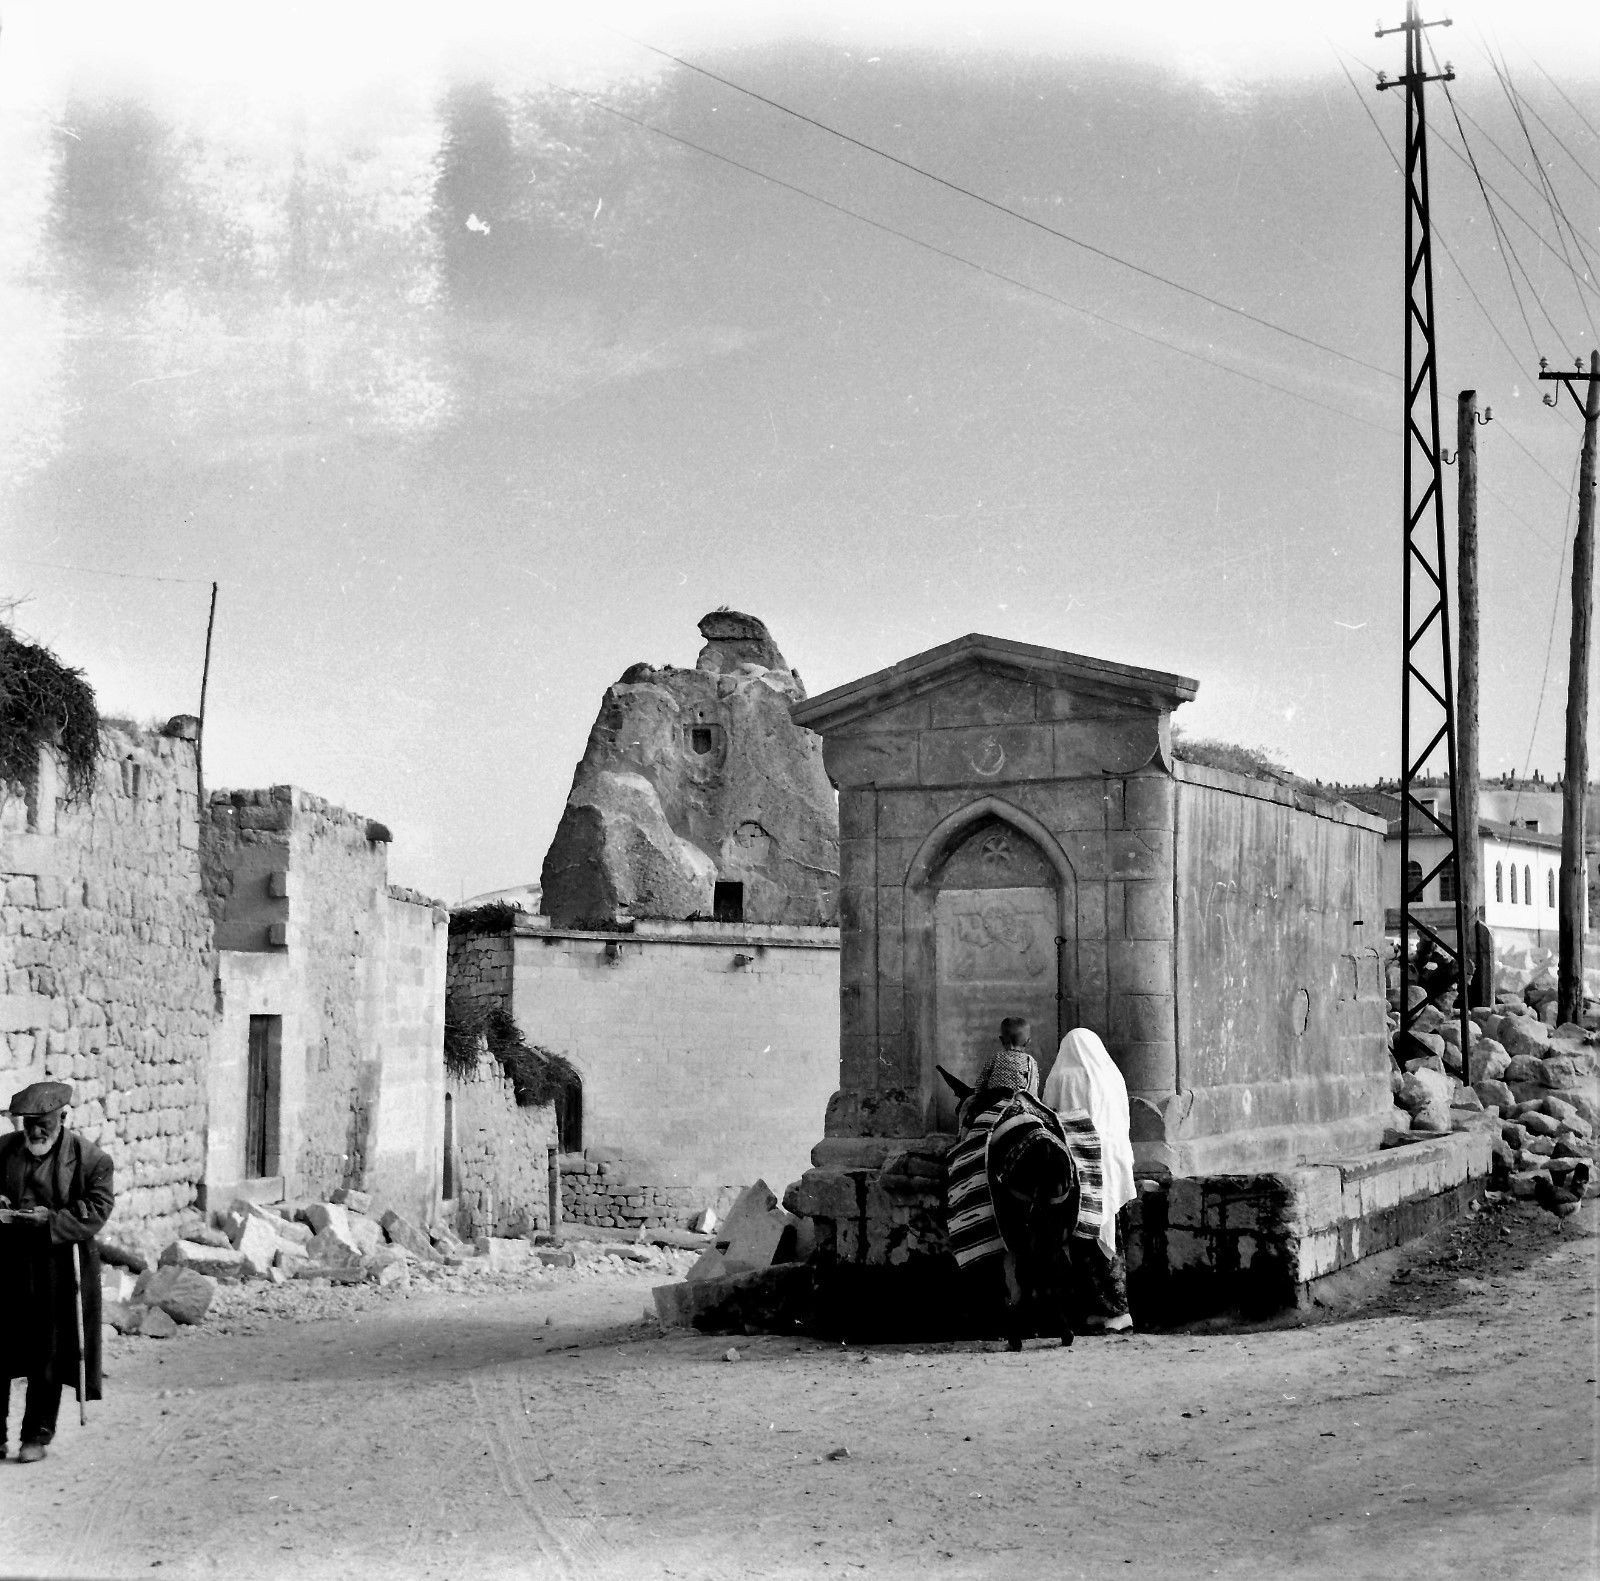 Каппадокия. Ортахисар, или «Средняя крепость»